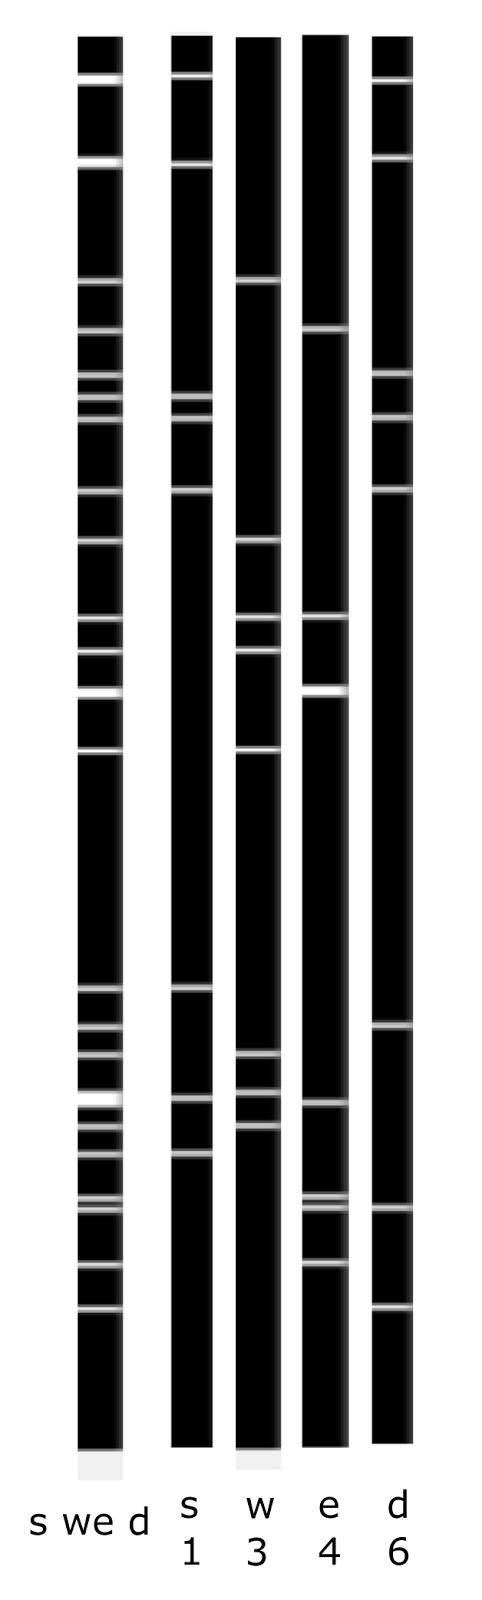 Логика сознания. Часть 12. Поиск закономерностей. Комбинаторное пространство - 4